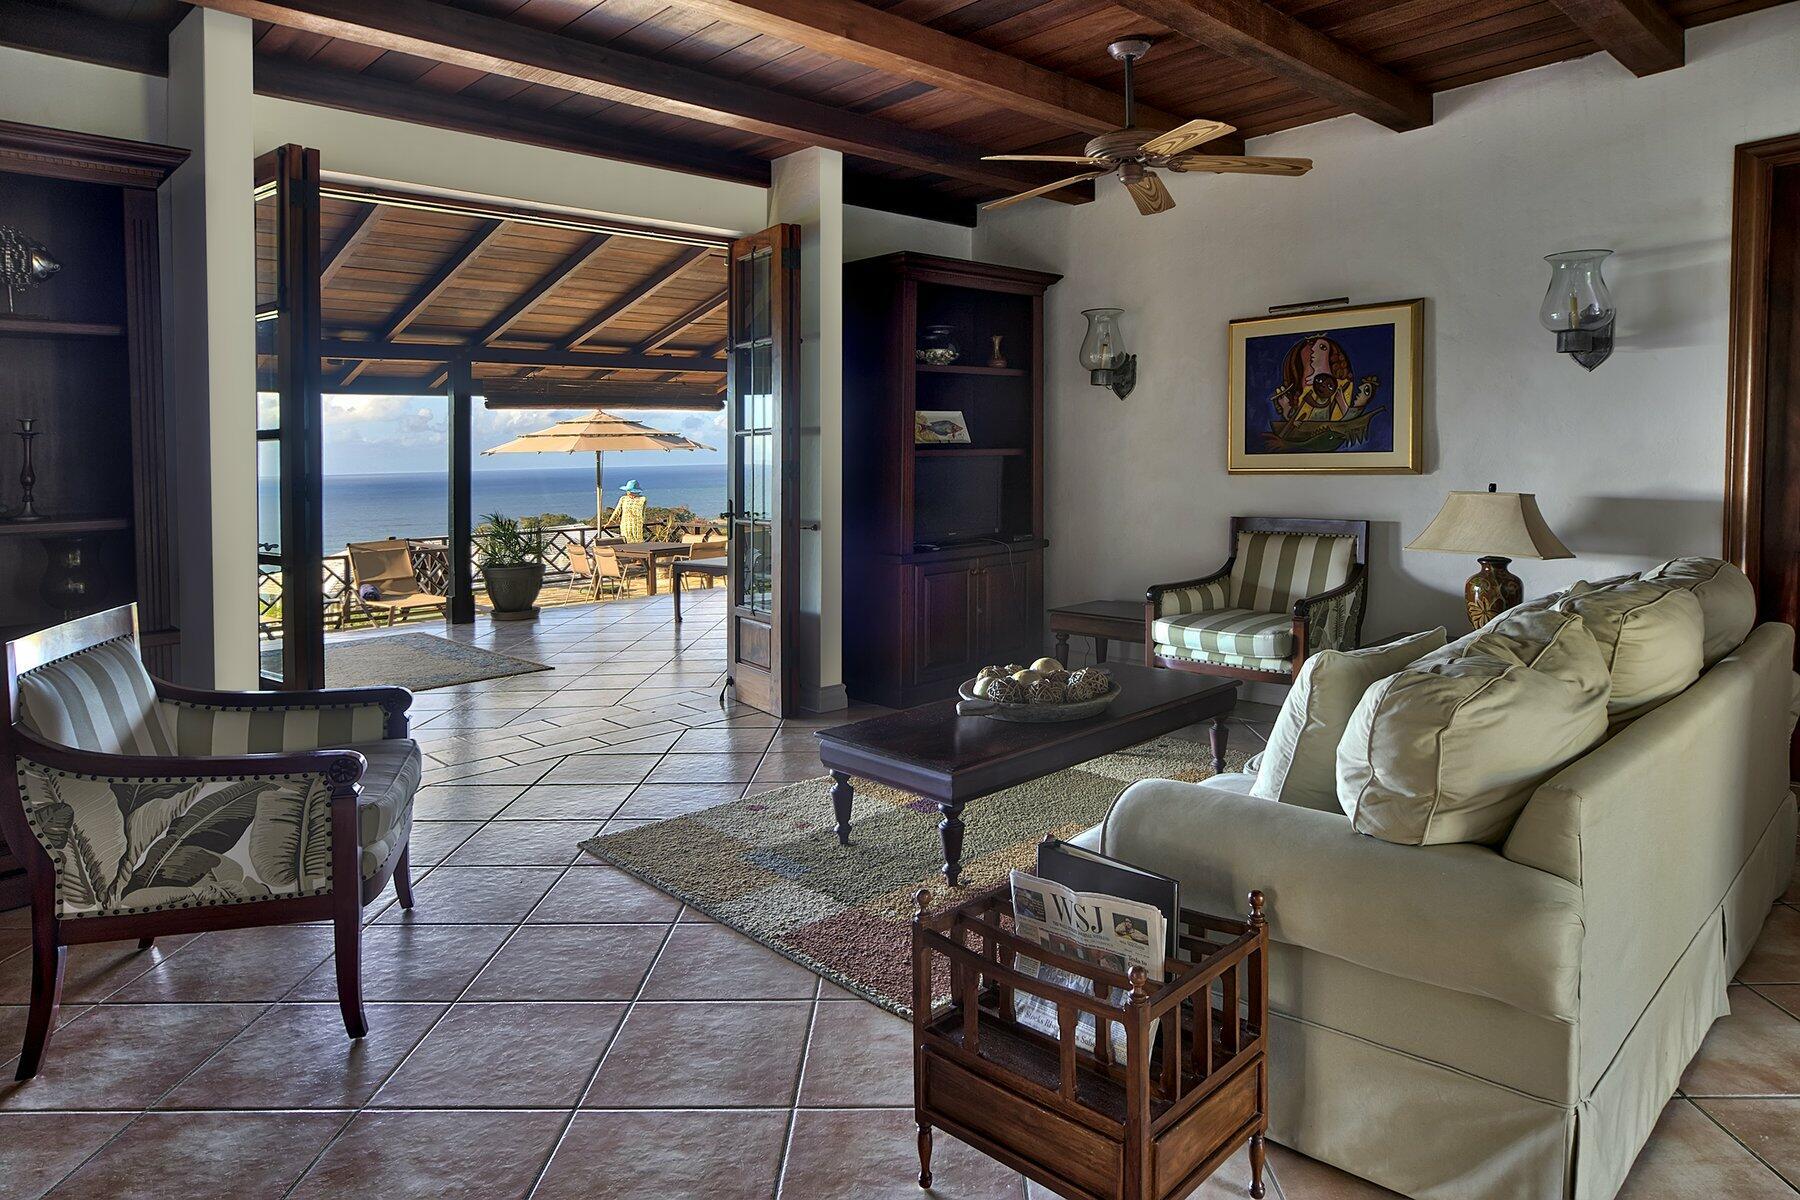 Living area of Trinidad villa with ocean view